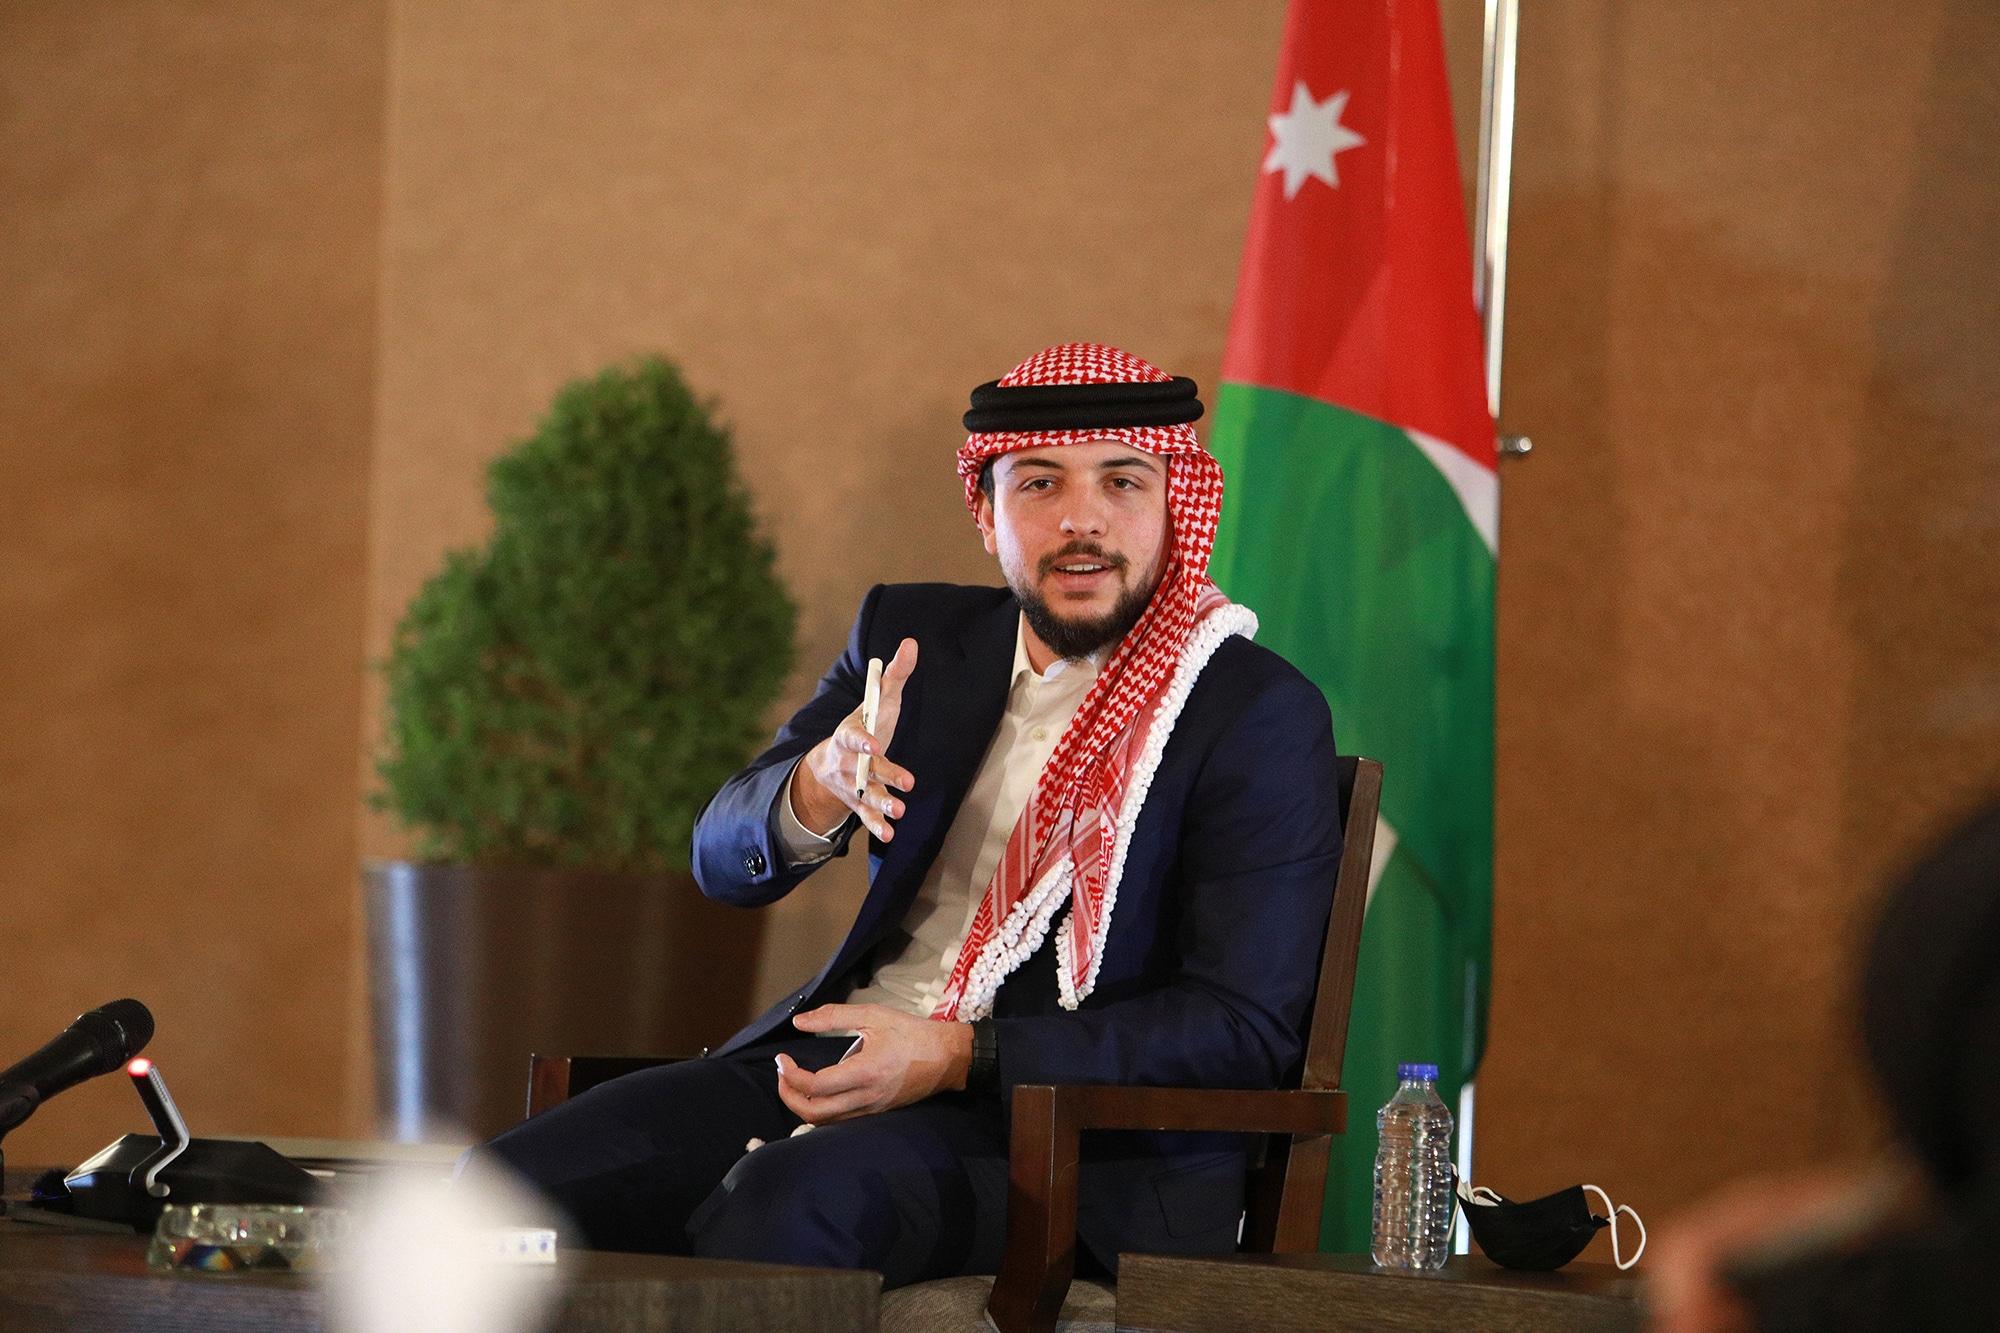 ولي العهد الأردني الحسين بن عبدالله